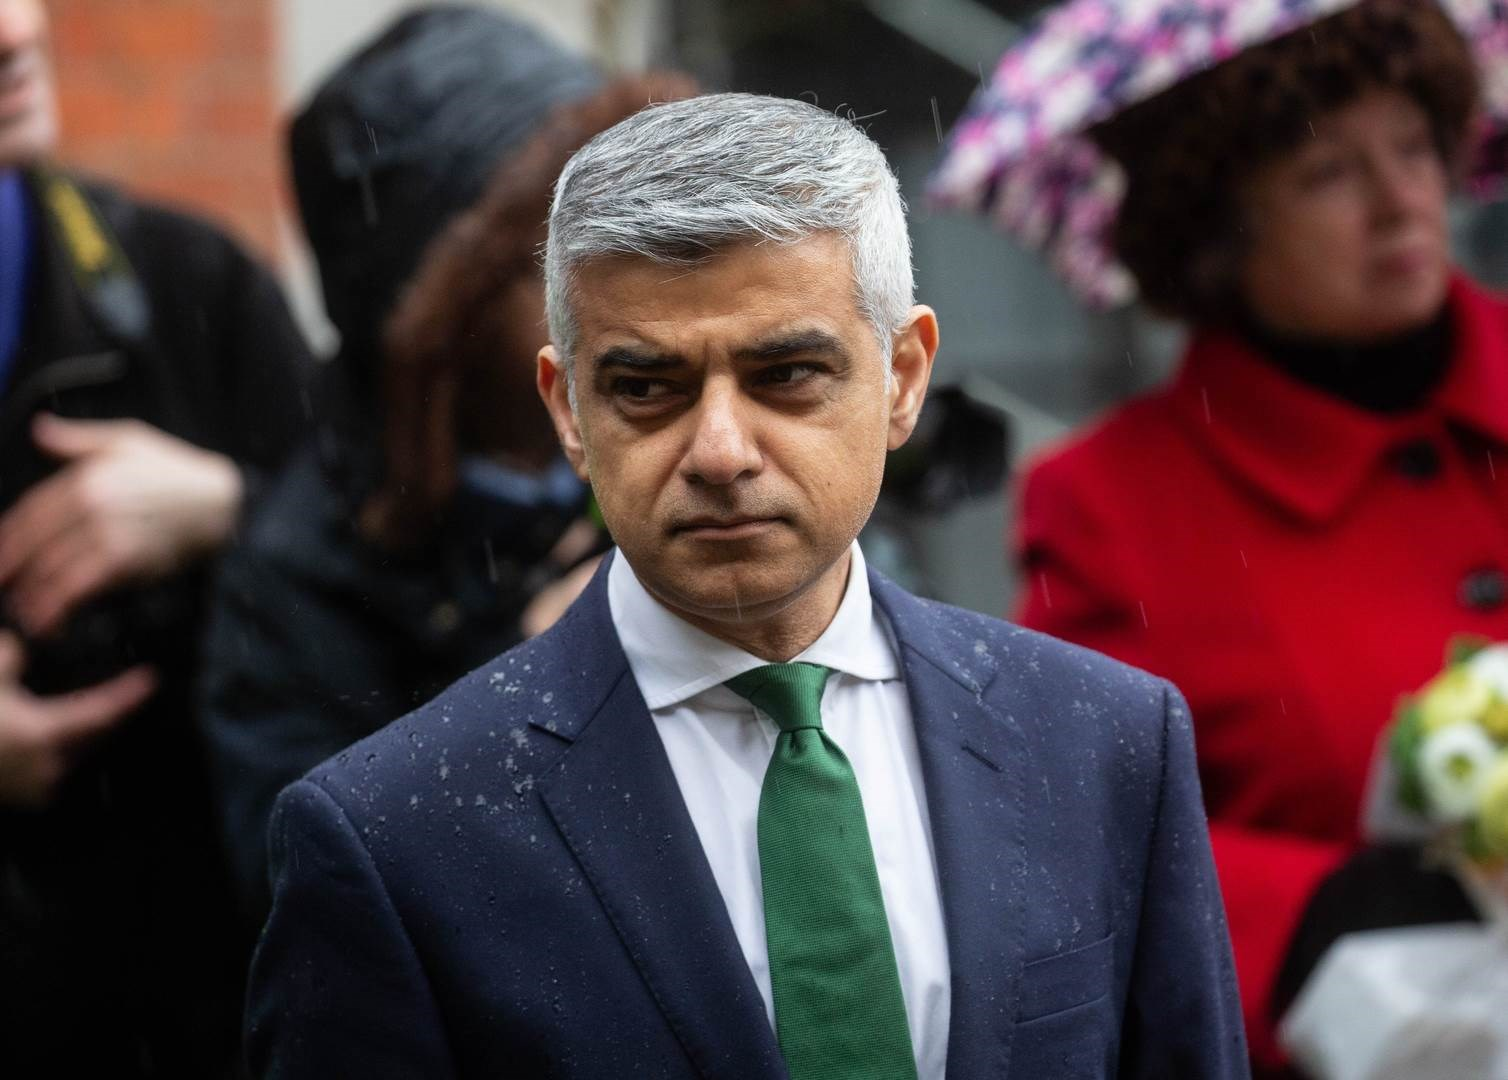 عمدة لندن منتقداً جونسون: هذه إهانة للملايين من سكان لندن